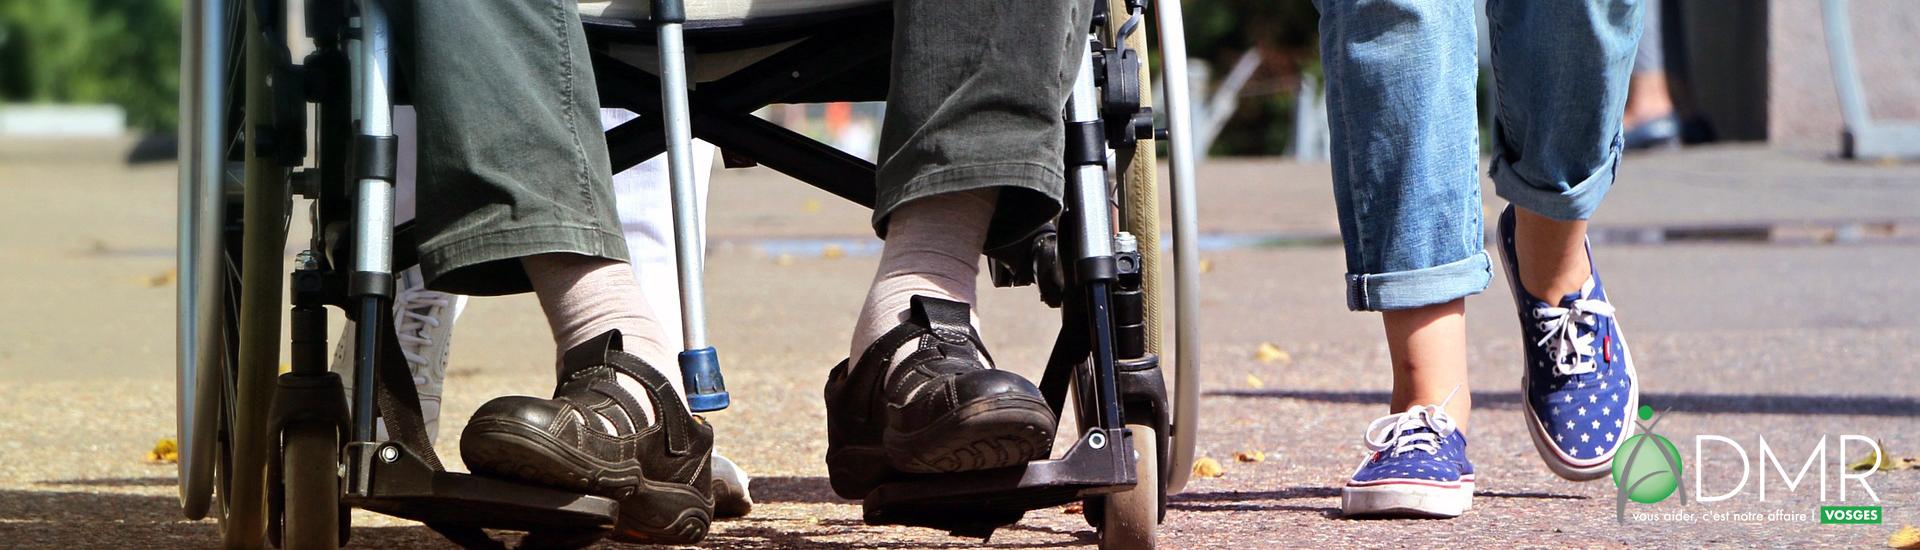 Aide & accompagnement personnes handicapés (Copyright: Pixabay)